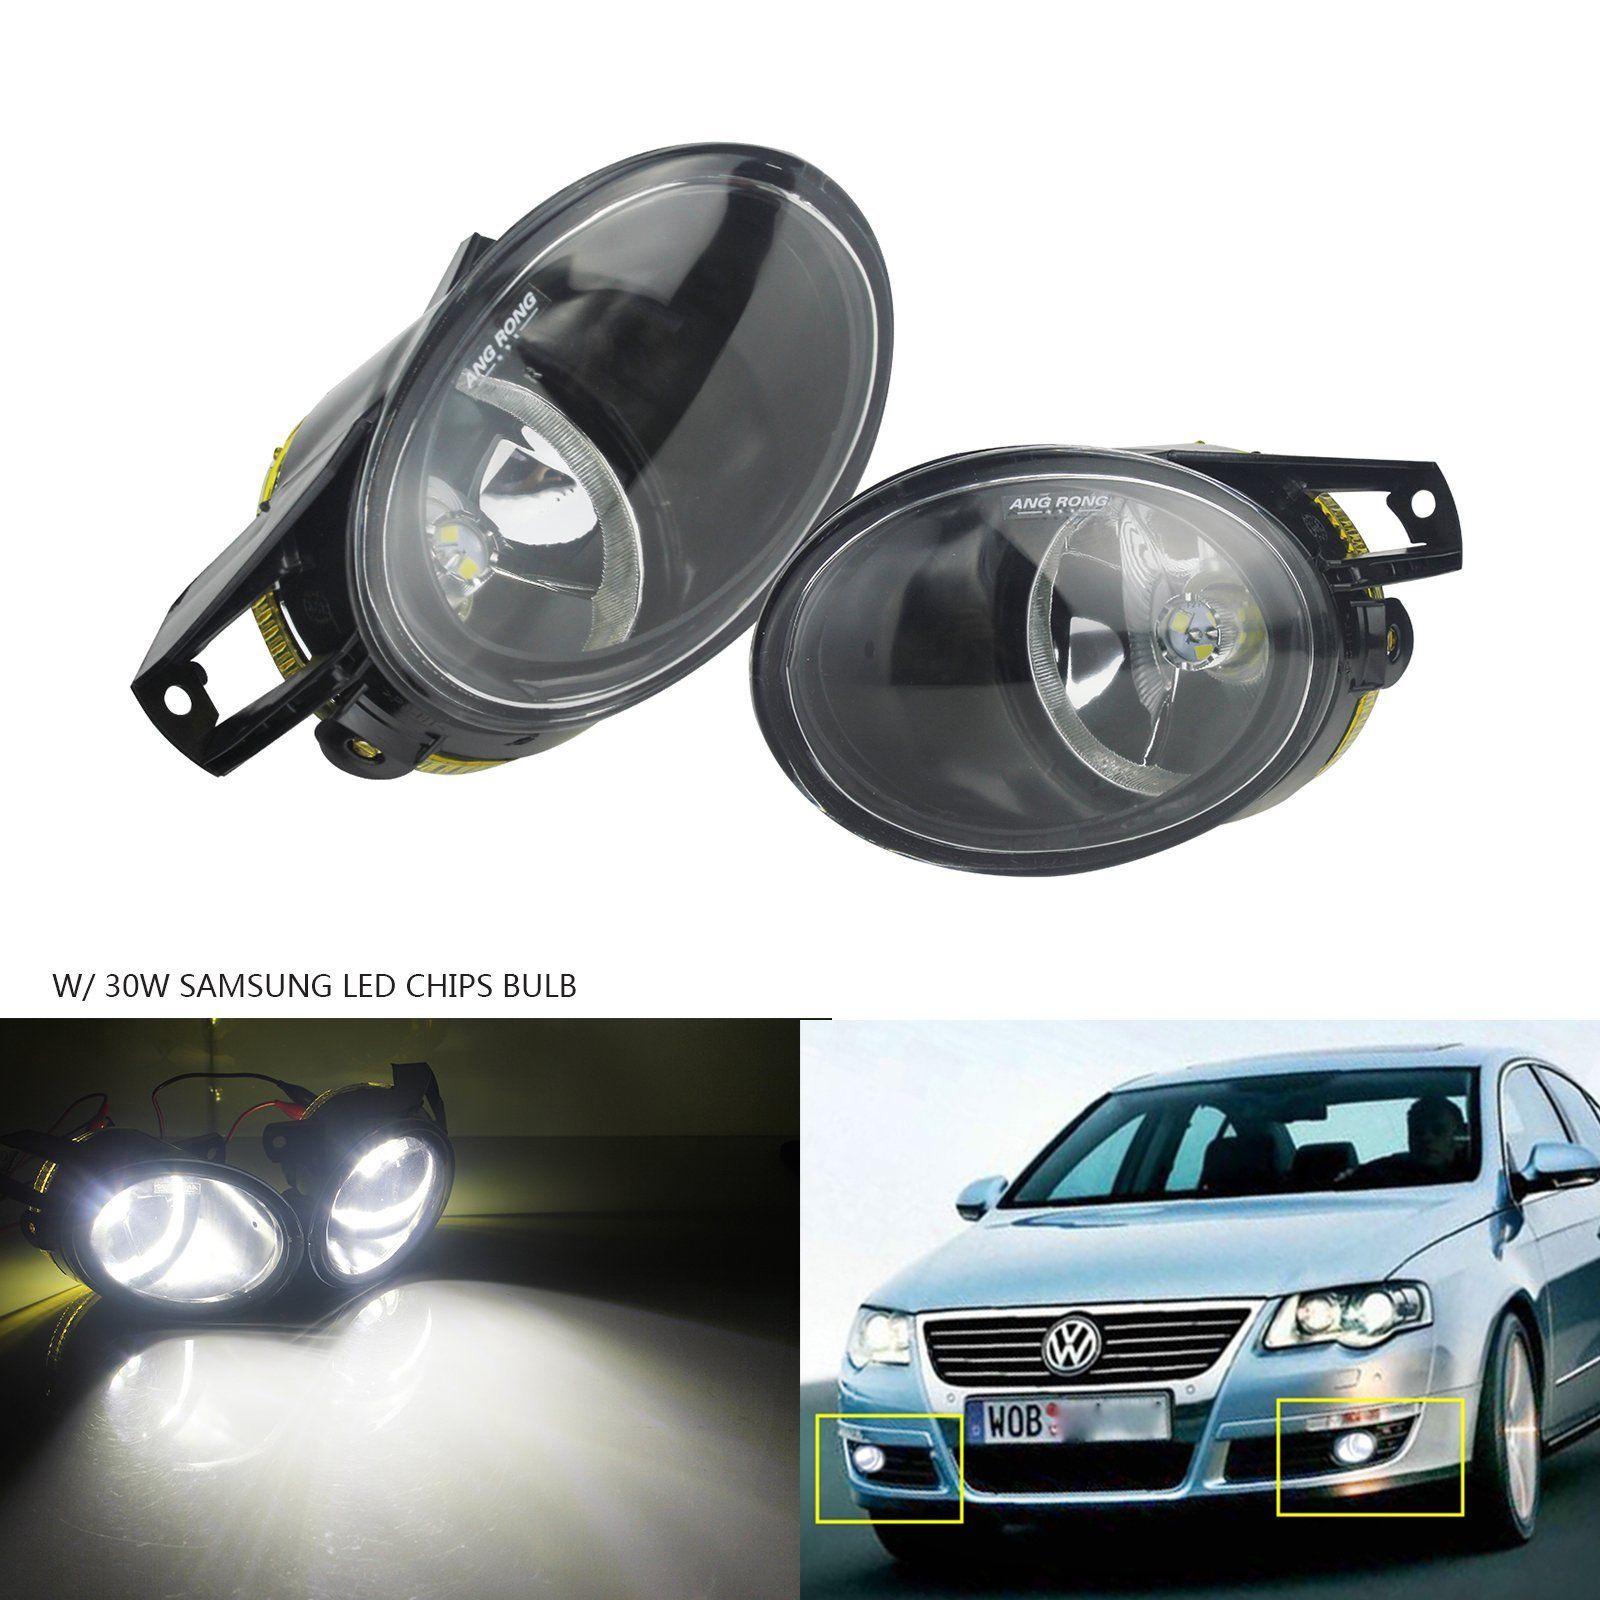 ANGRONG 2x Haute Puissance 1600LM HB4 9006 30 w SAMSUNG LED Ampoule L & R Pour VW Passat 3C B6 pare-chocs avant Brouillard Lumière Lampe